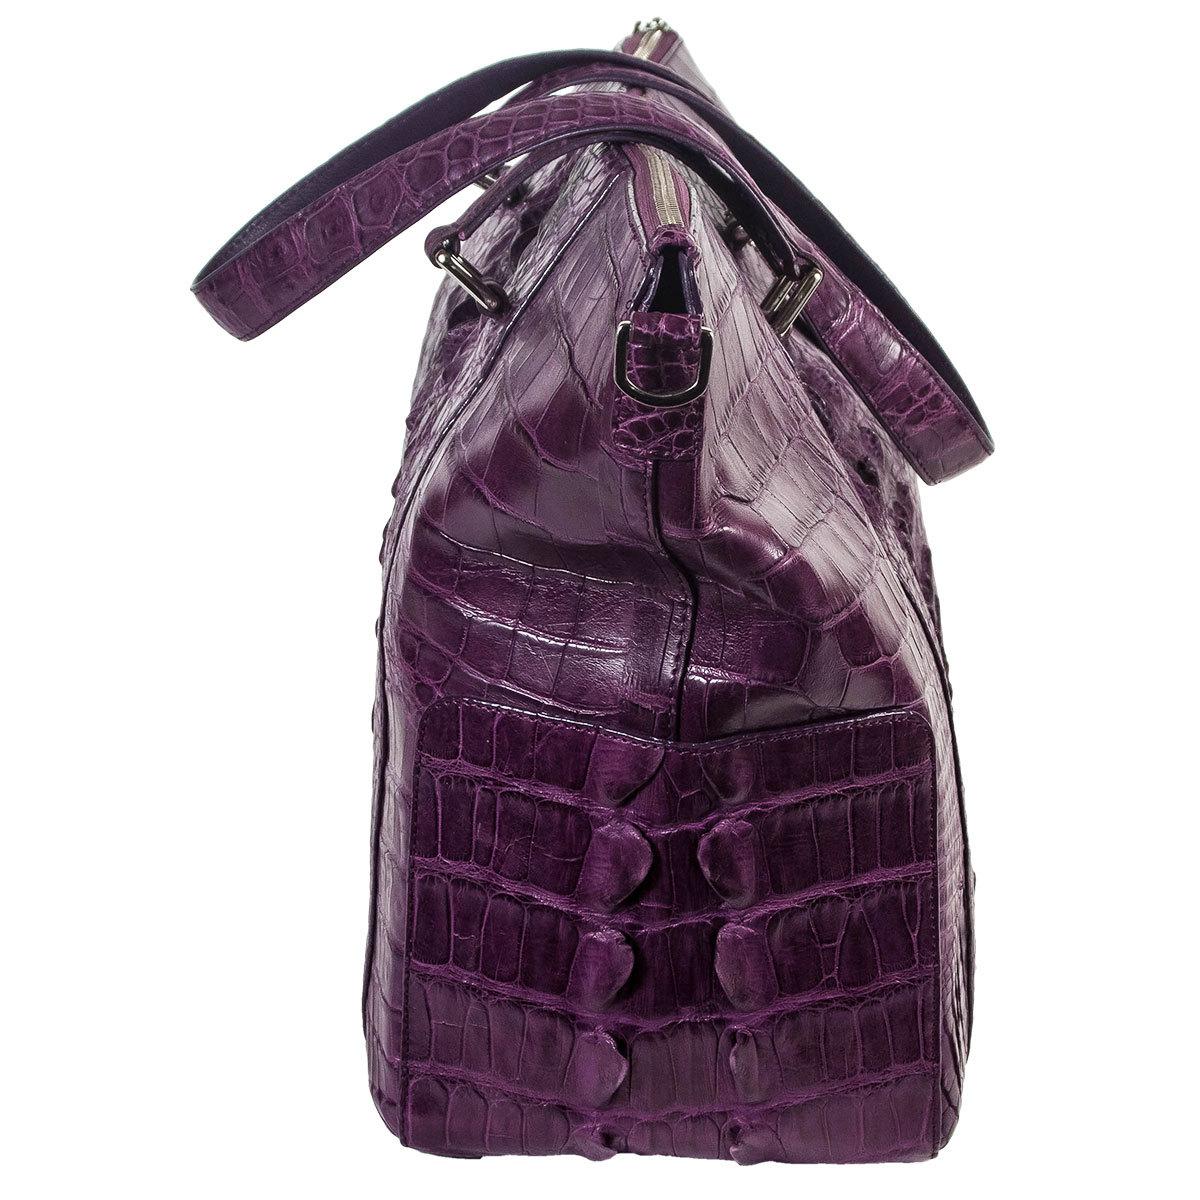 Магазин сумки из кожи крокодила в москве